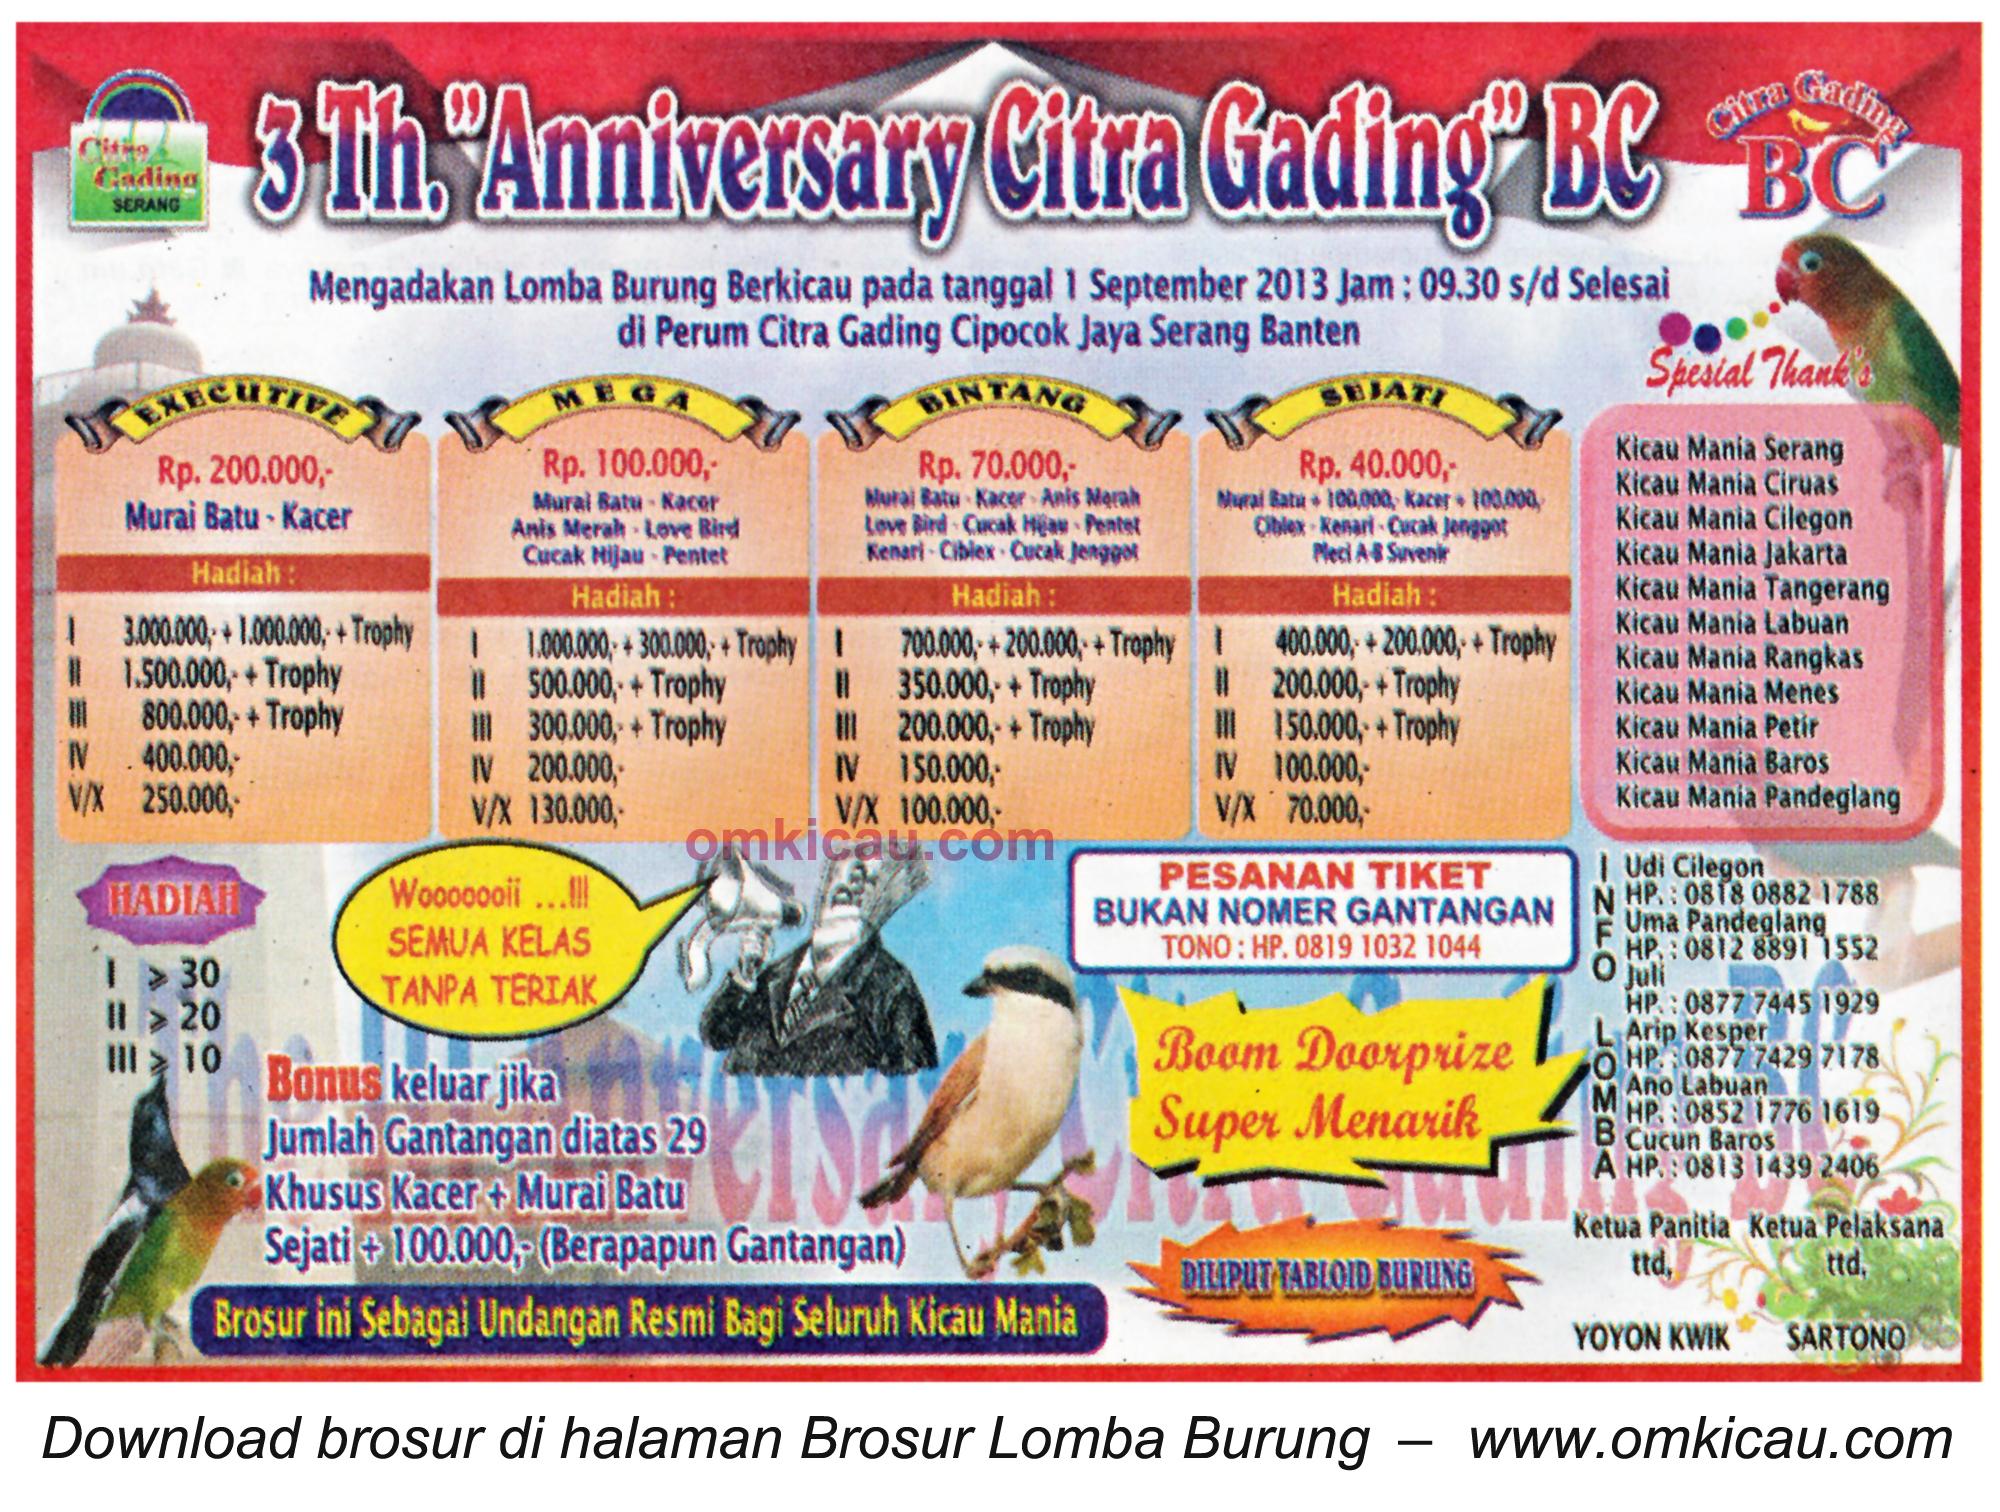 Brosur Lomba 5th Anniversary Citra Gading BC Serang 1 Sept 2013